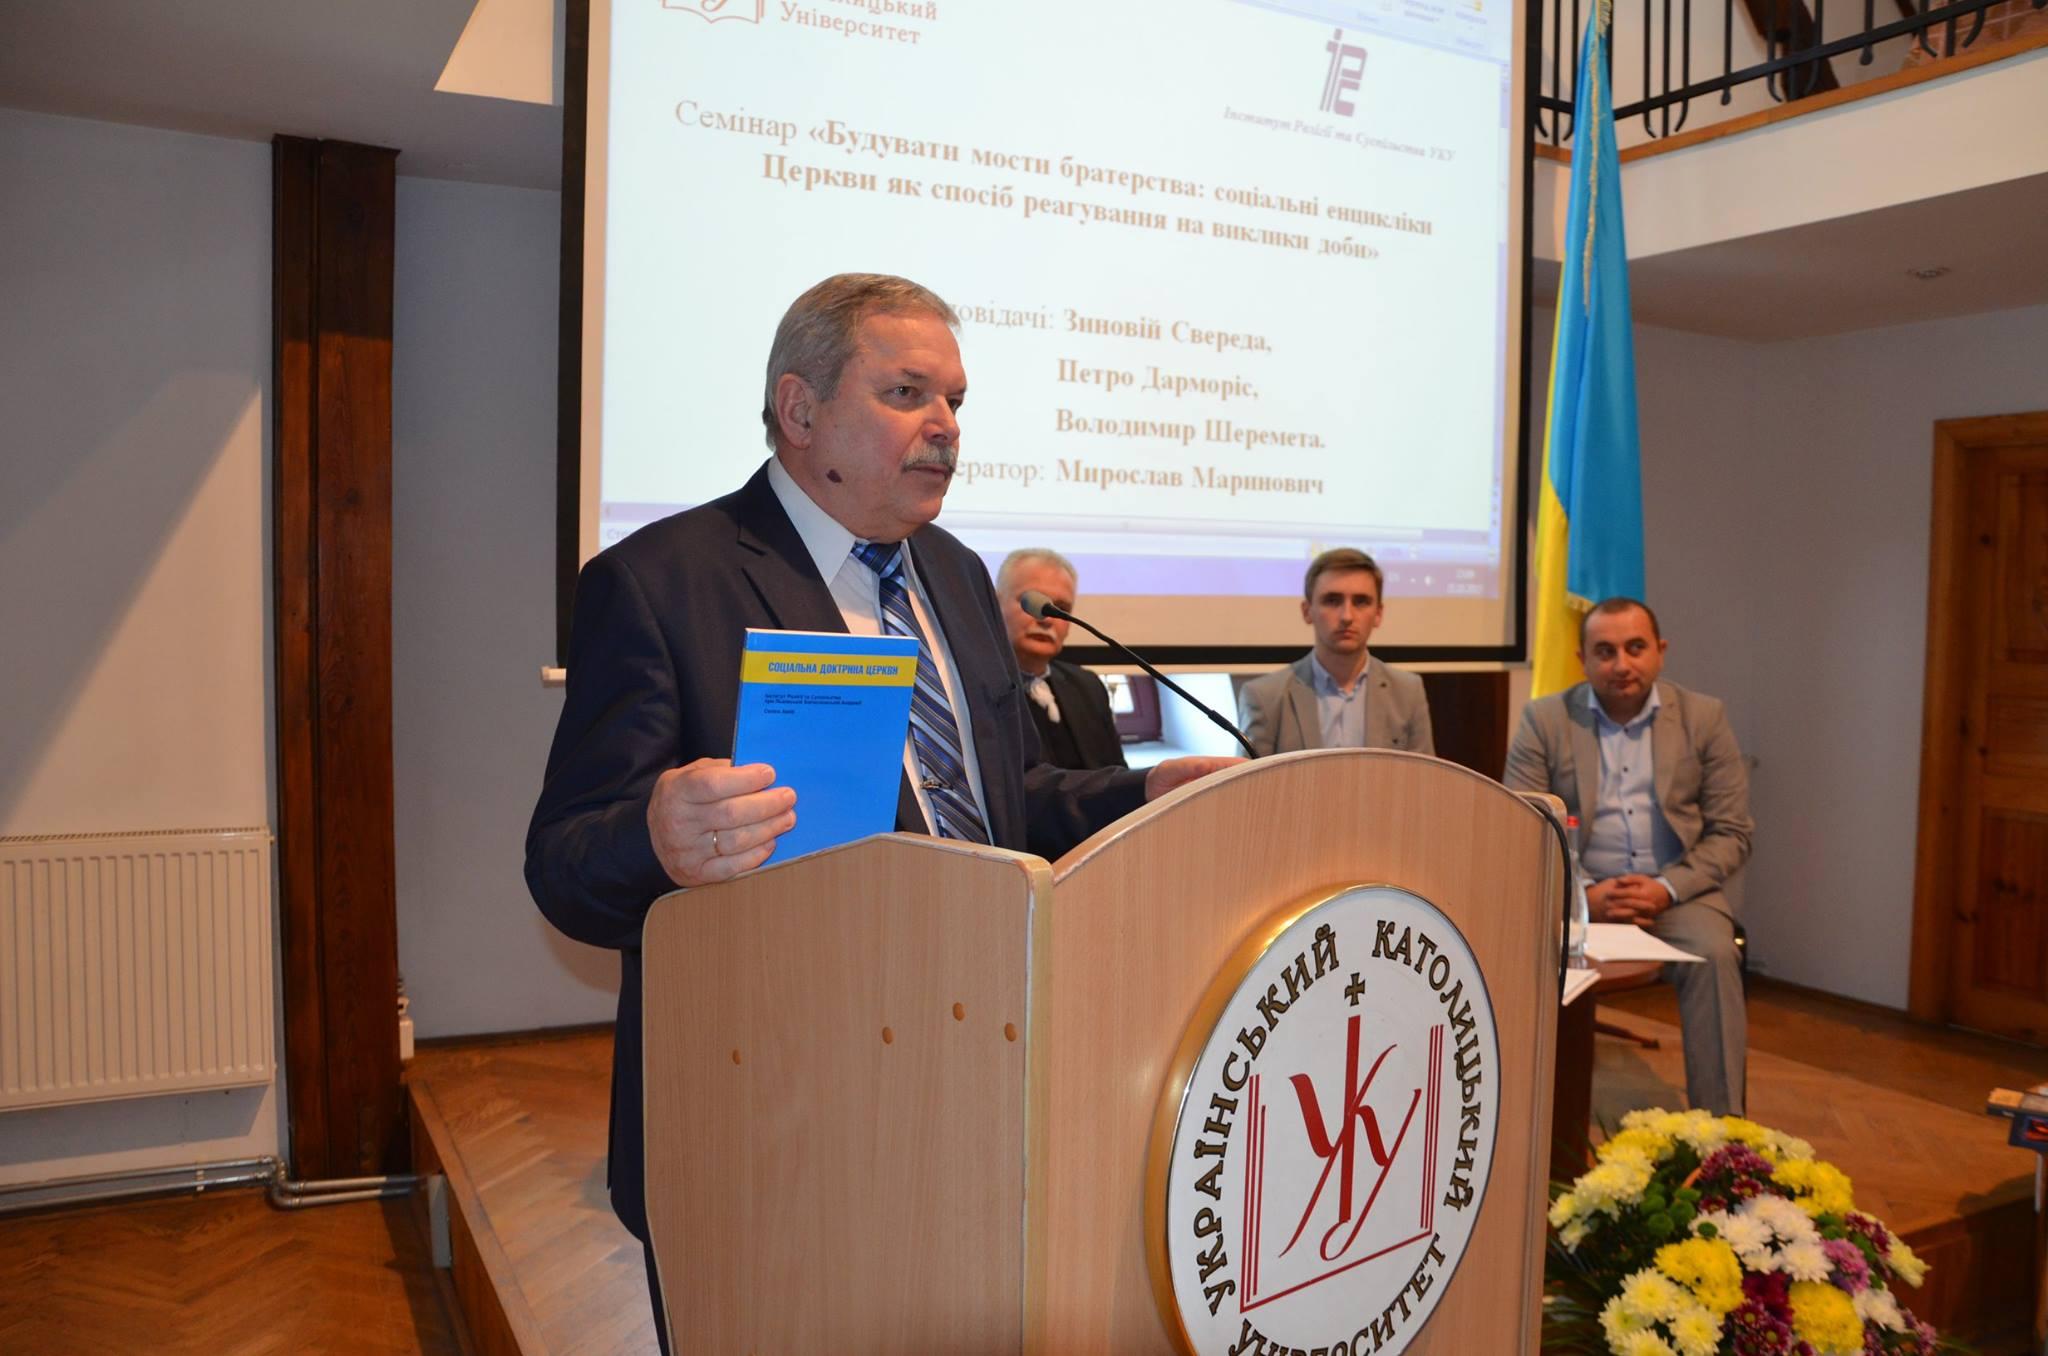 Єпископ Борис (Ґудзяк) про ІРС УКУ: Цей Інститут поставив високу планку для нашого супільства